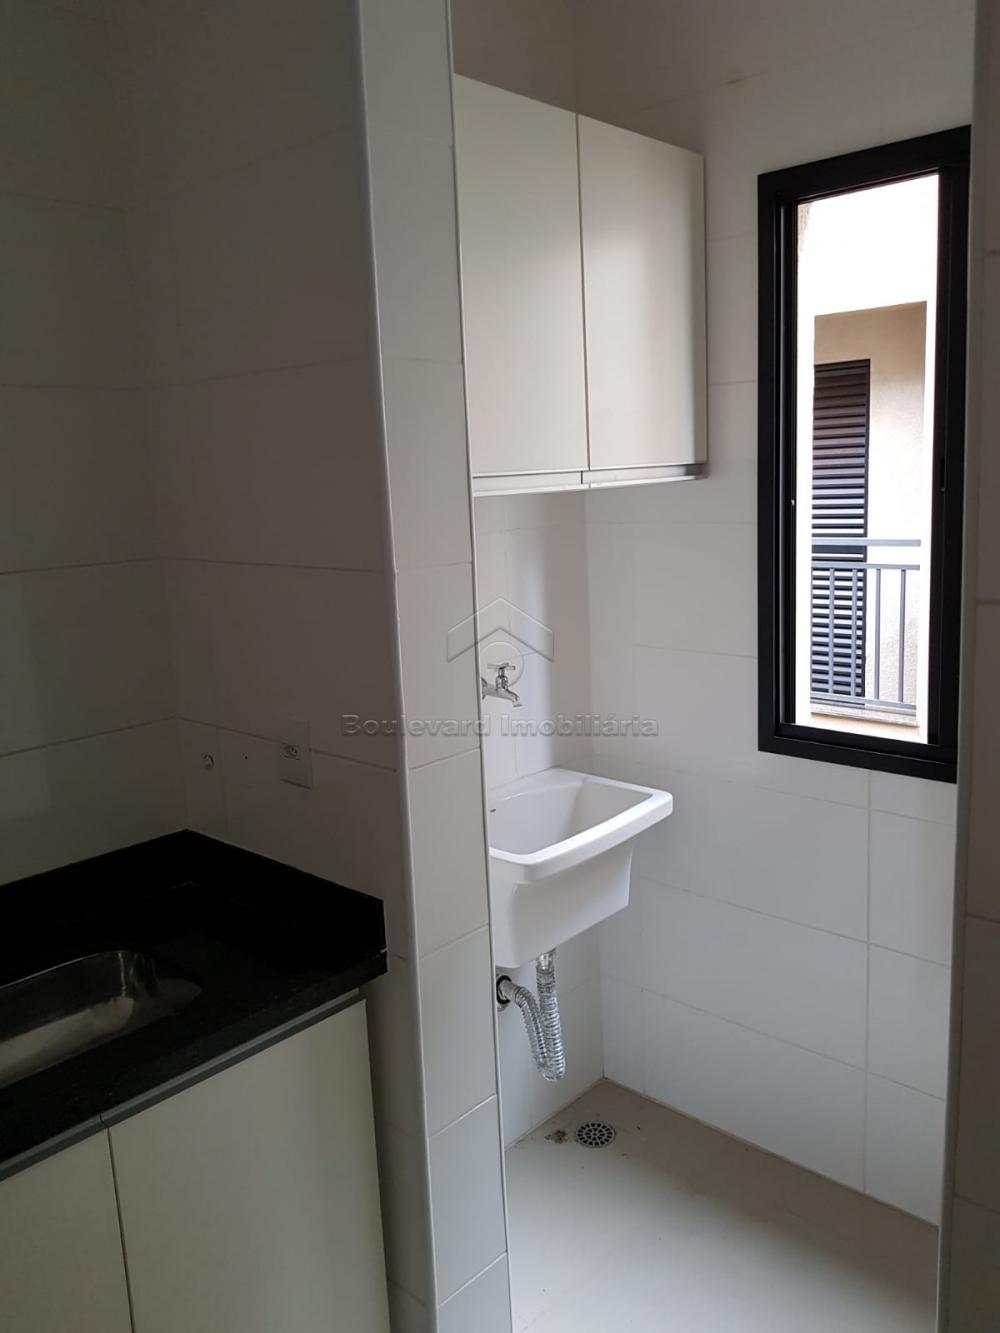 Comprar Apartamento / Padrão em Ribeirão Preto apenas R$ 200.000,00 - Foto 10